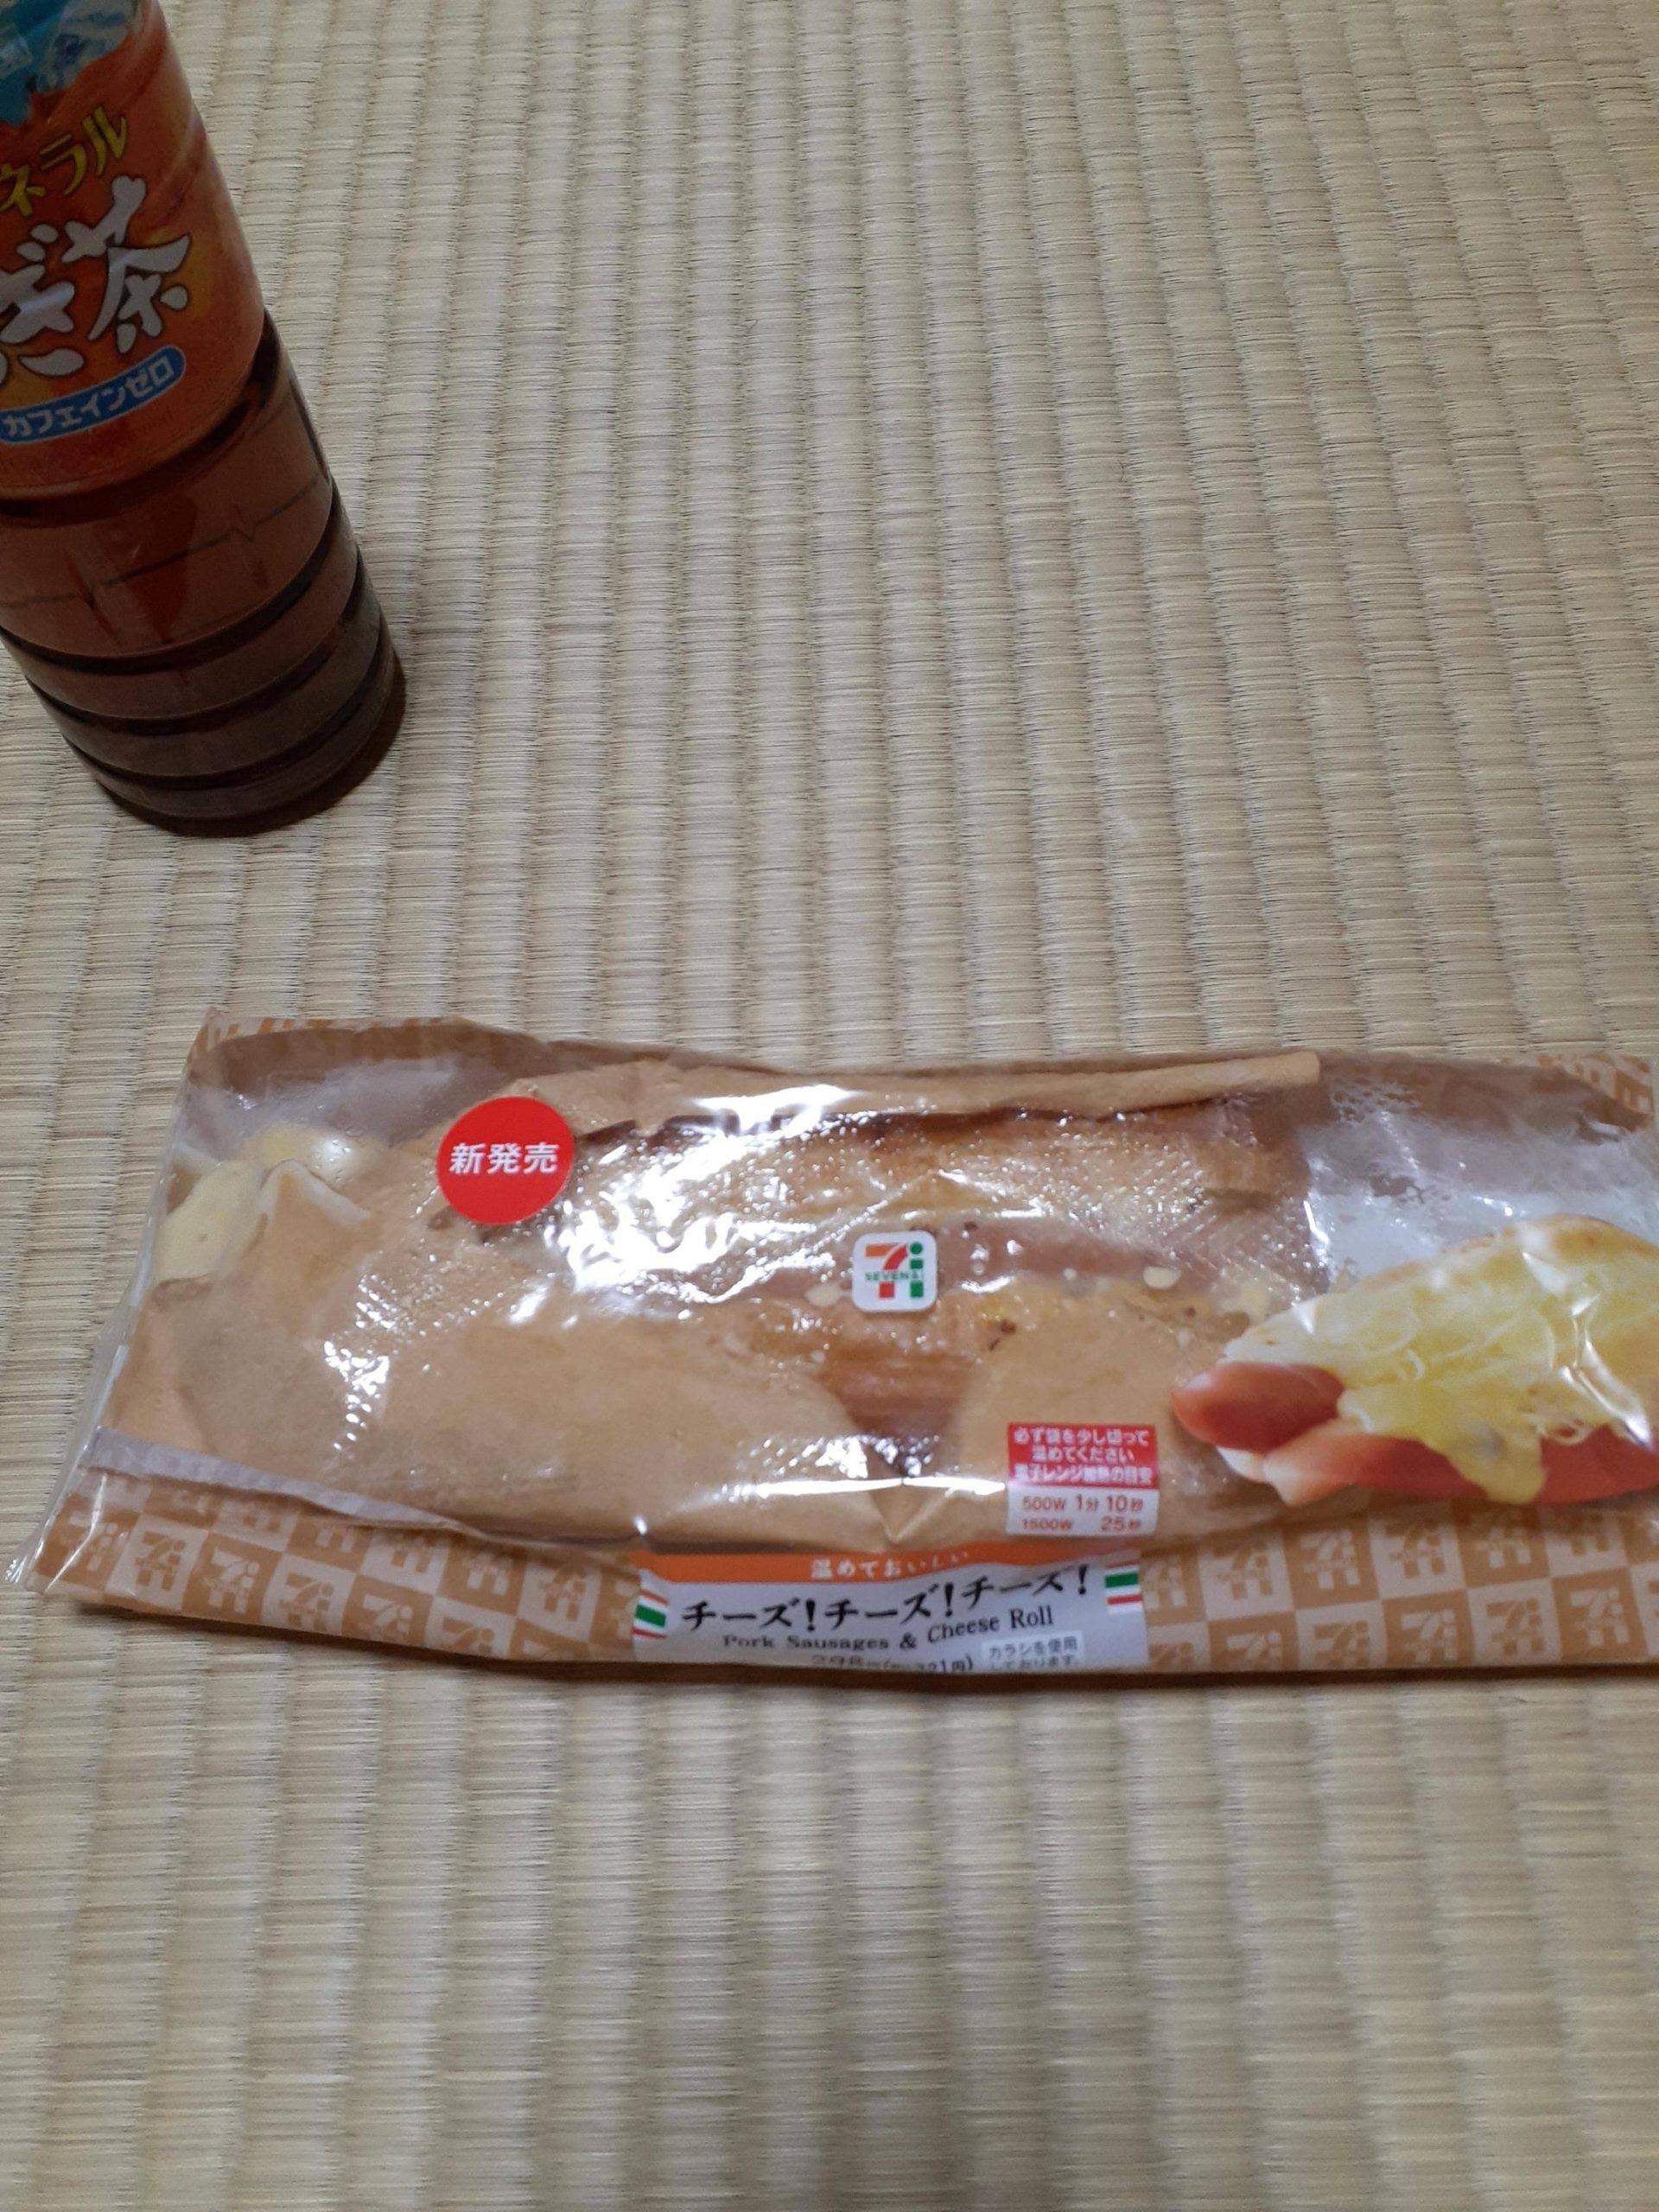 【画像】セブンの「チーズ!チーズ!チーズ!」買ってきたwwywwywwyww